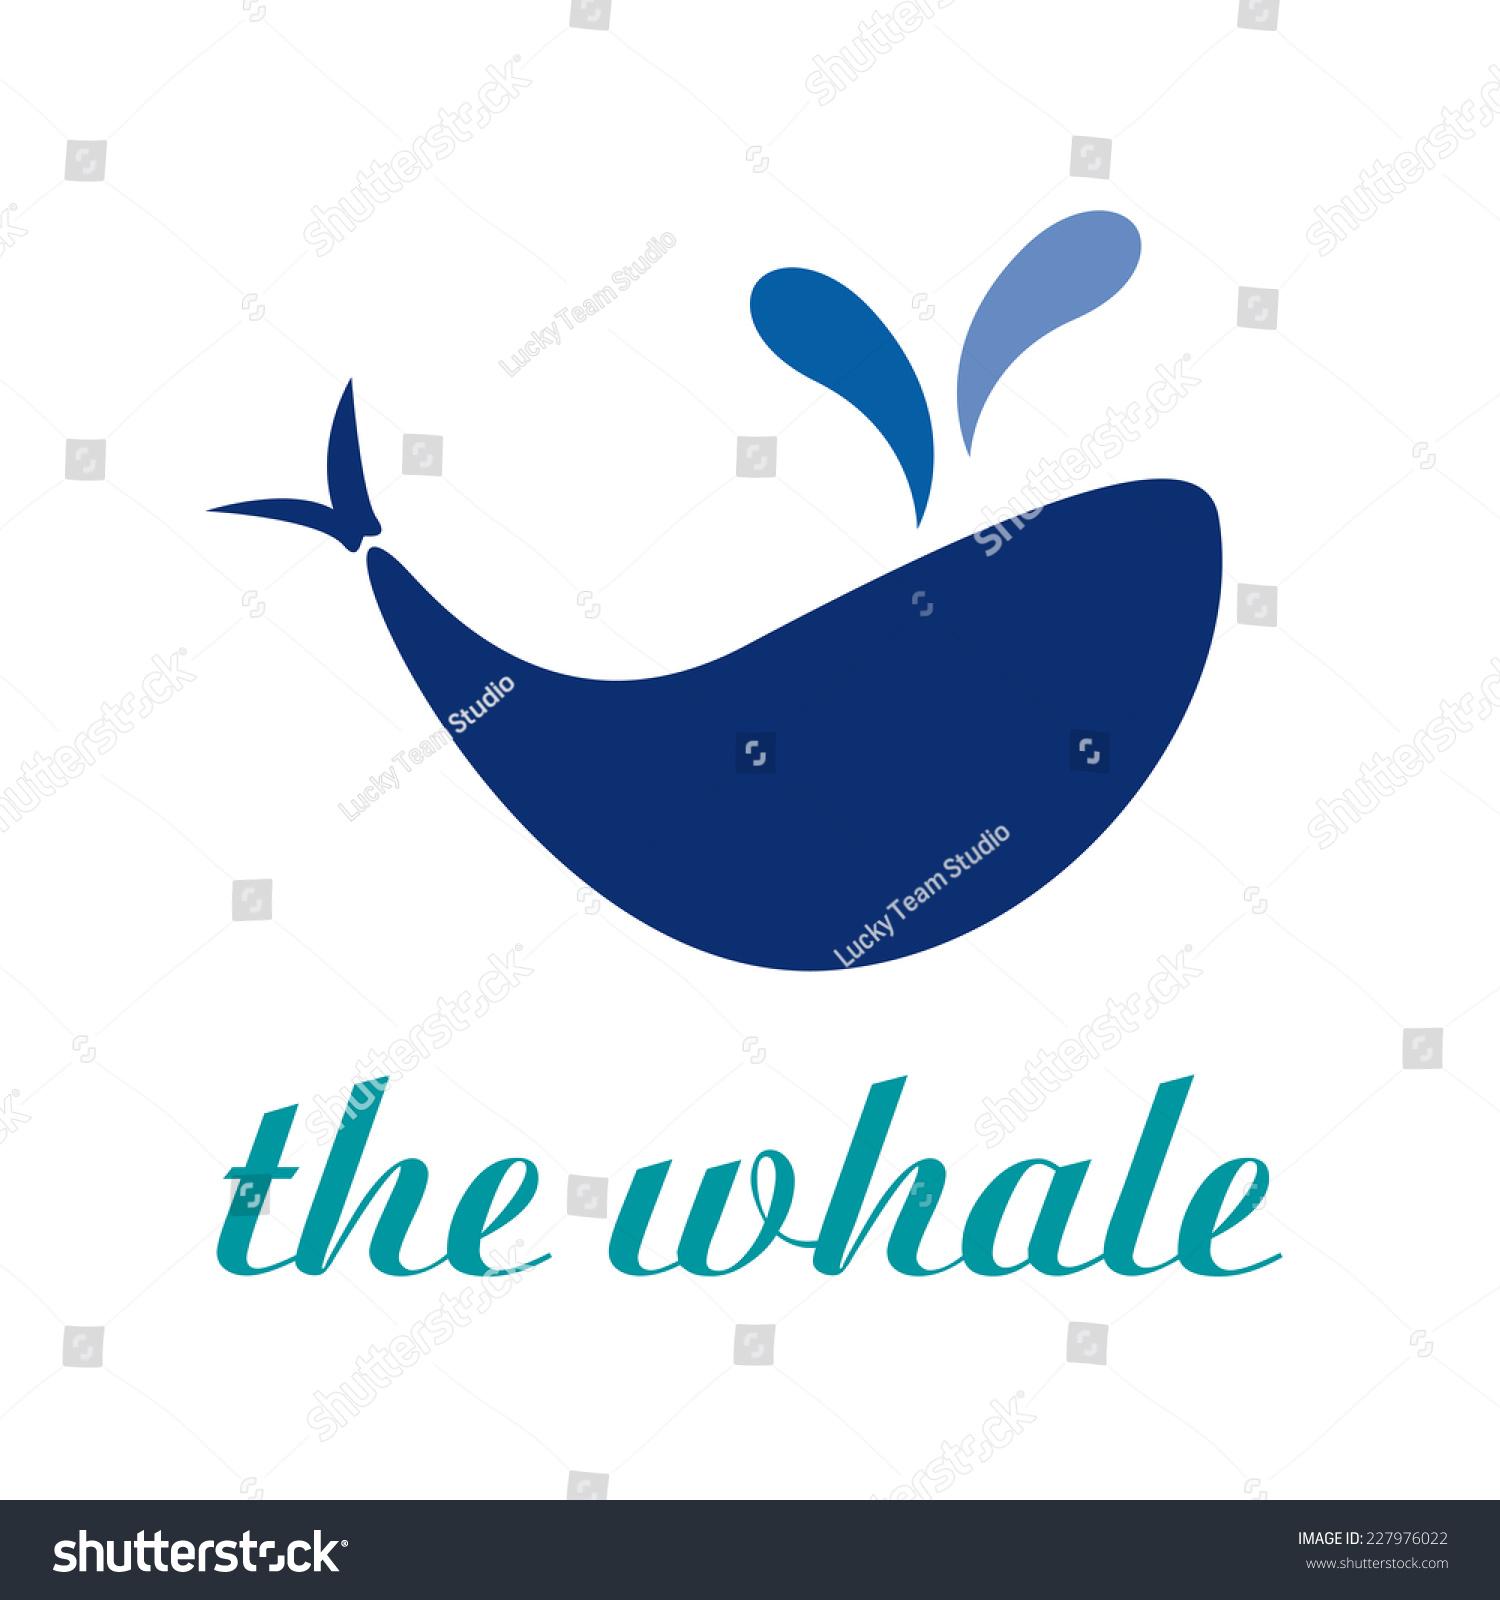 矢量信号抽象的鲸鱼-动物/野生生物,符号/标志-海洛()